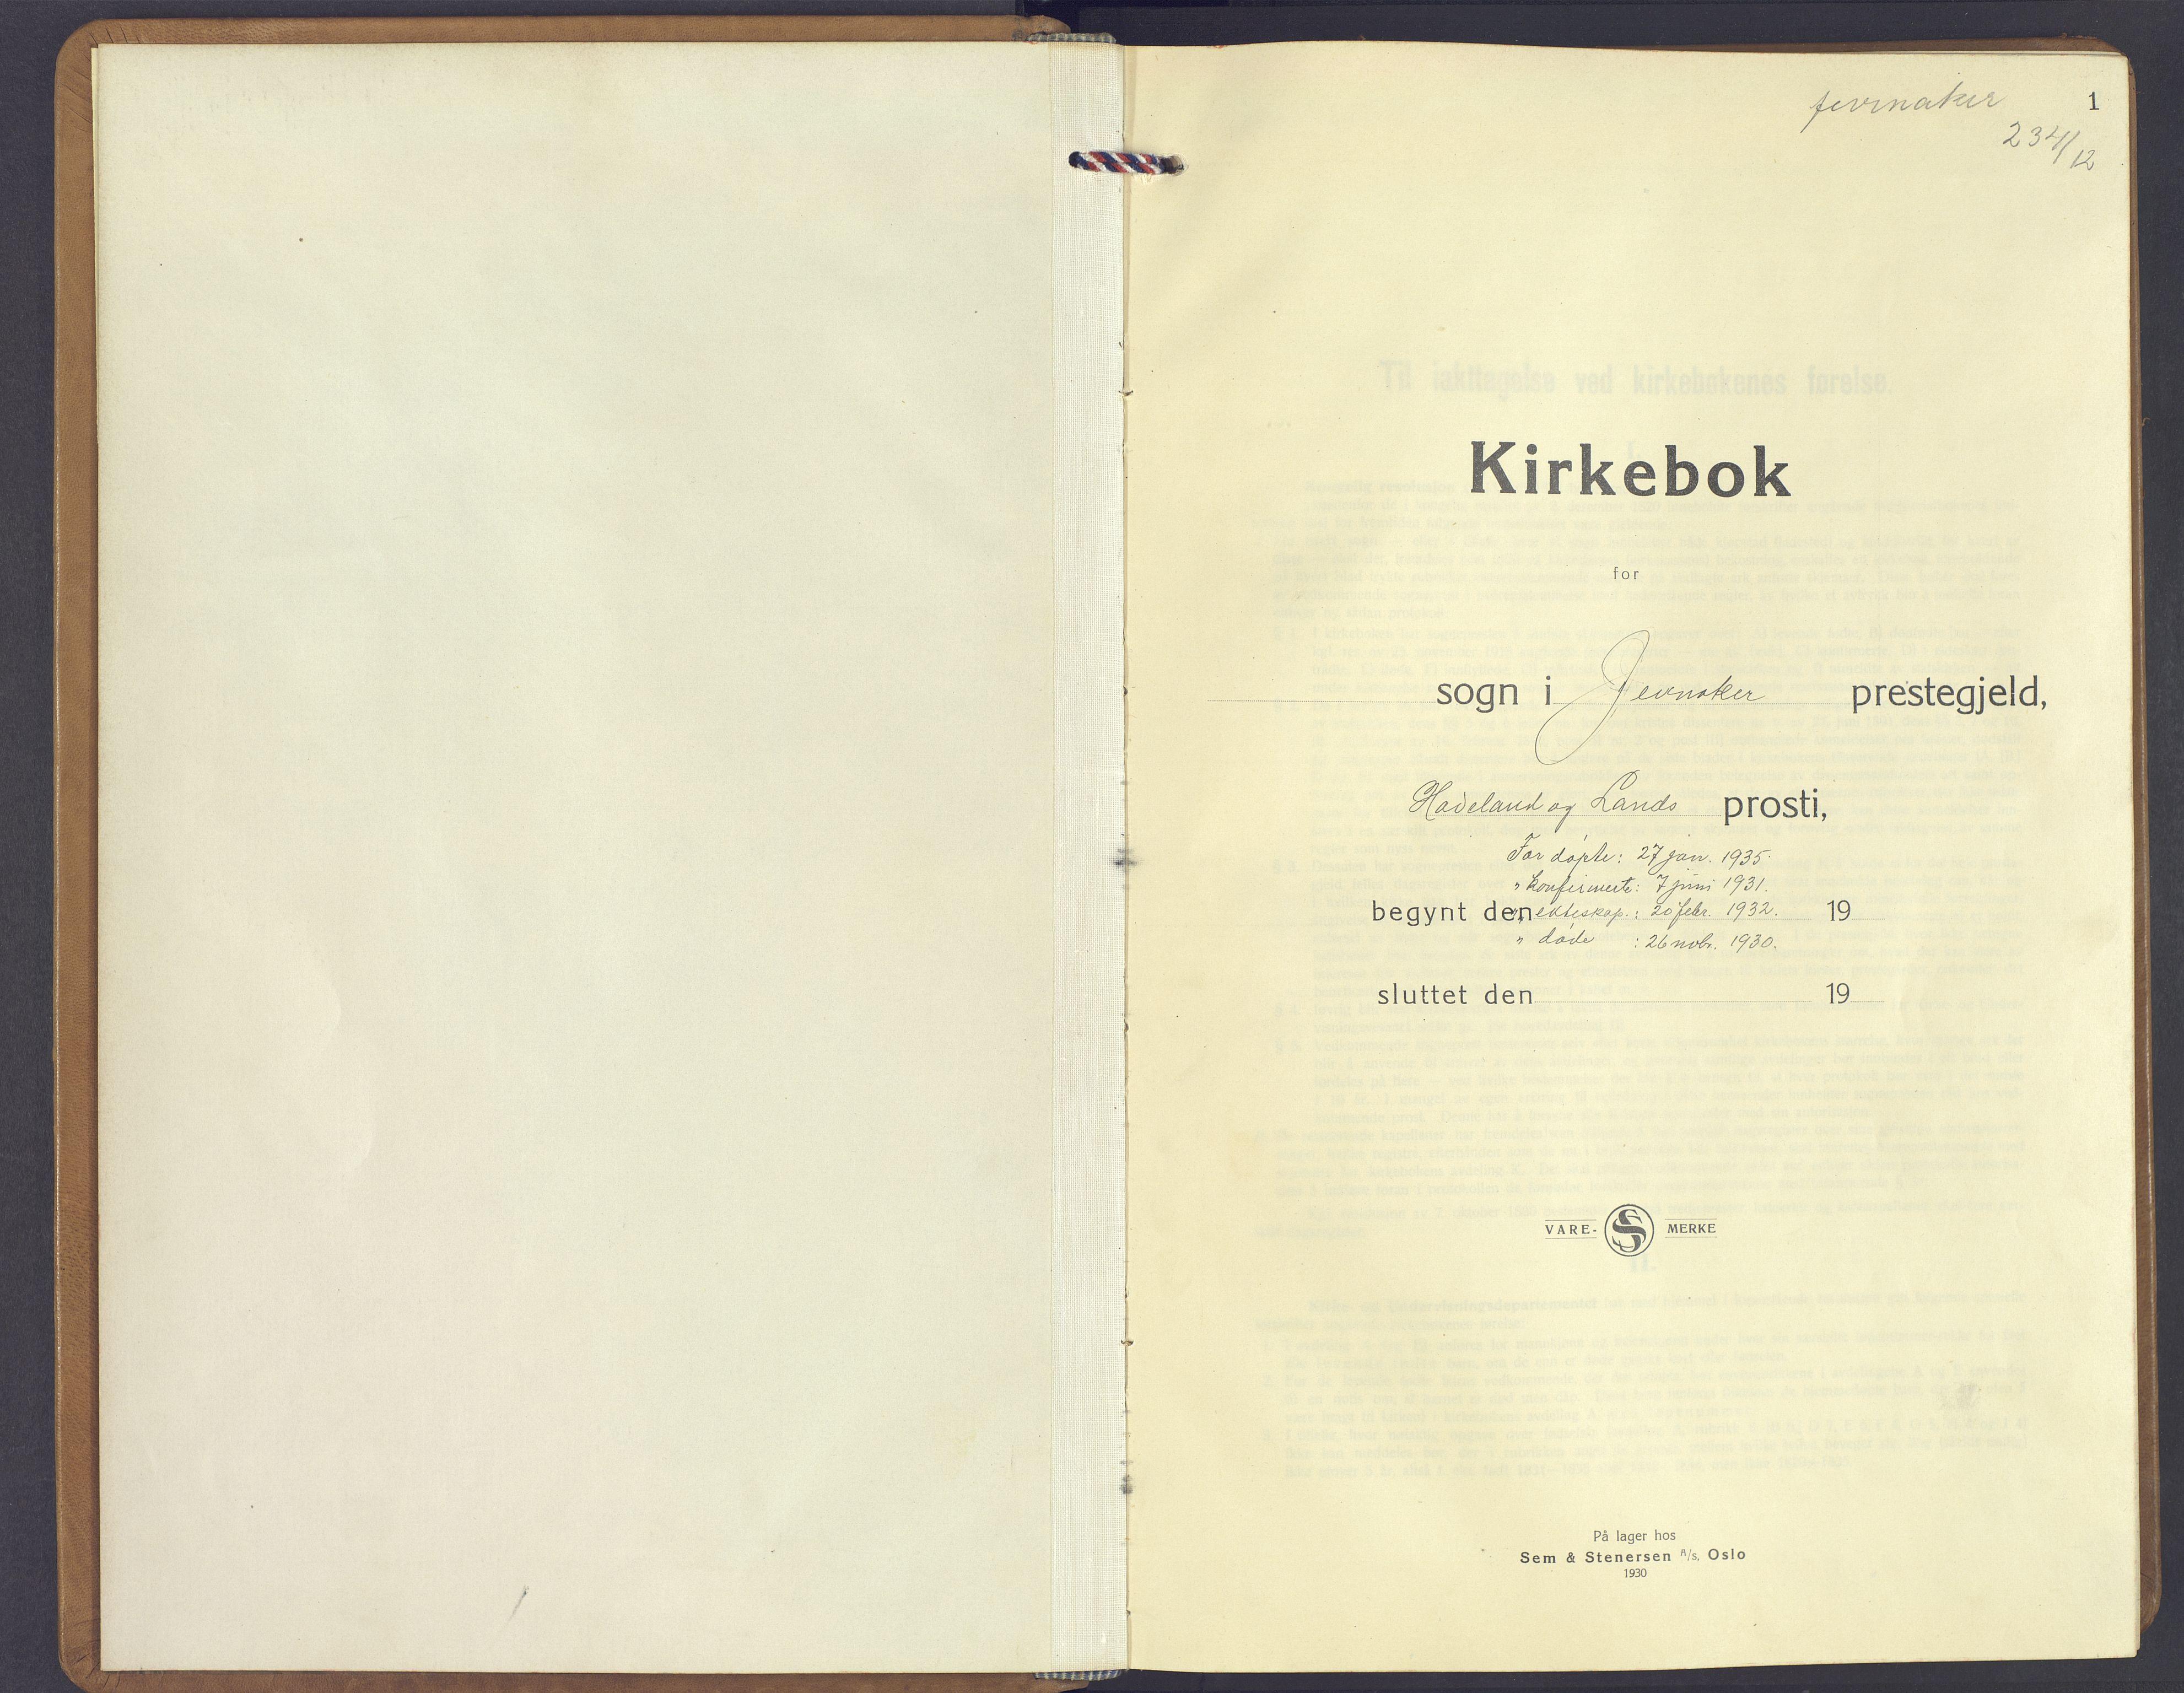 SAH, Jevnaker prestekontor, Klokkerbok nr. 6, 1930-1945, s. 1